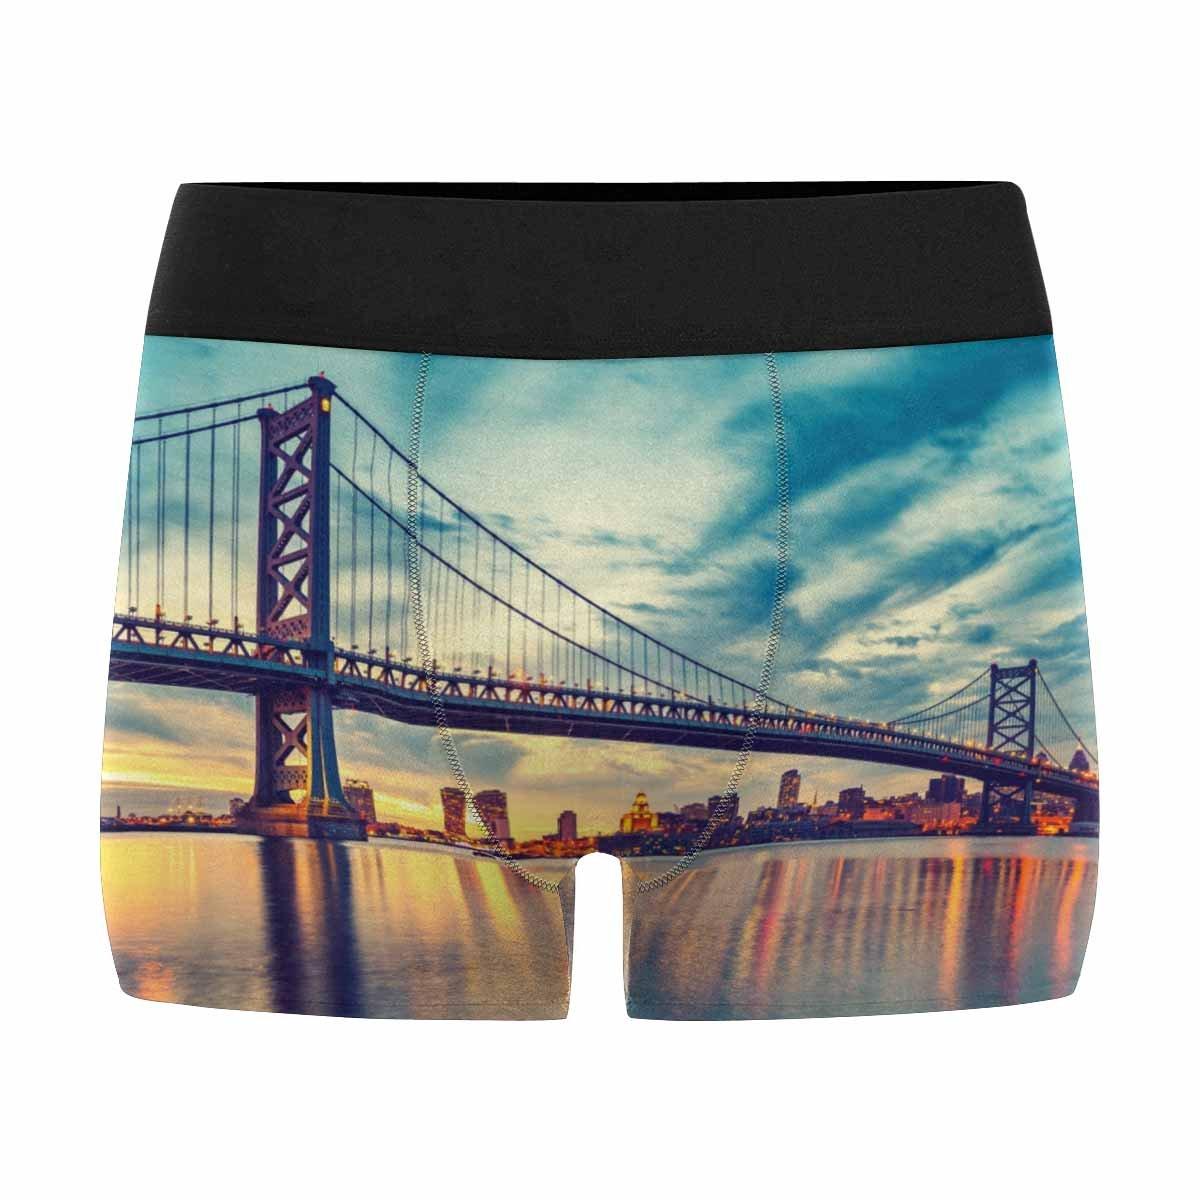 INTERESTPRINT Boxer Briefs Mens Underwear Ben Franklin Bridge in Philadelphia at Sunset XS-3XL